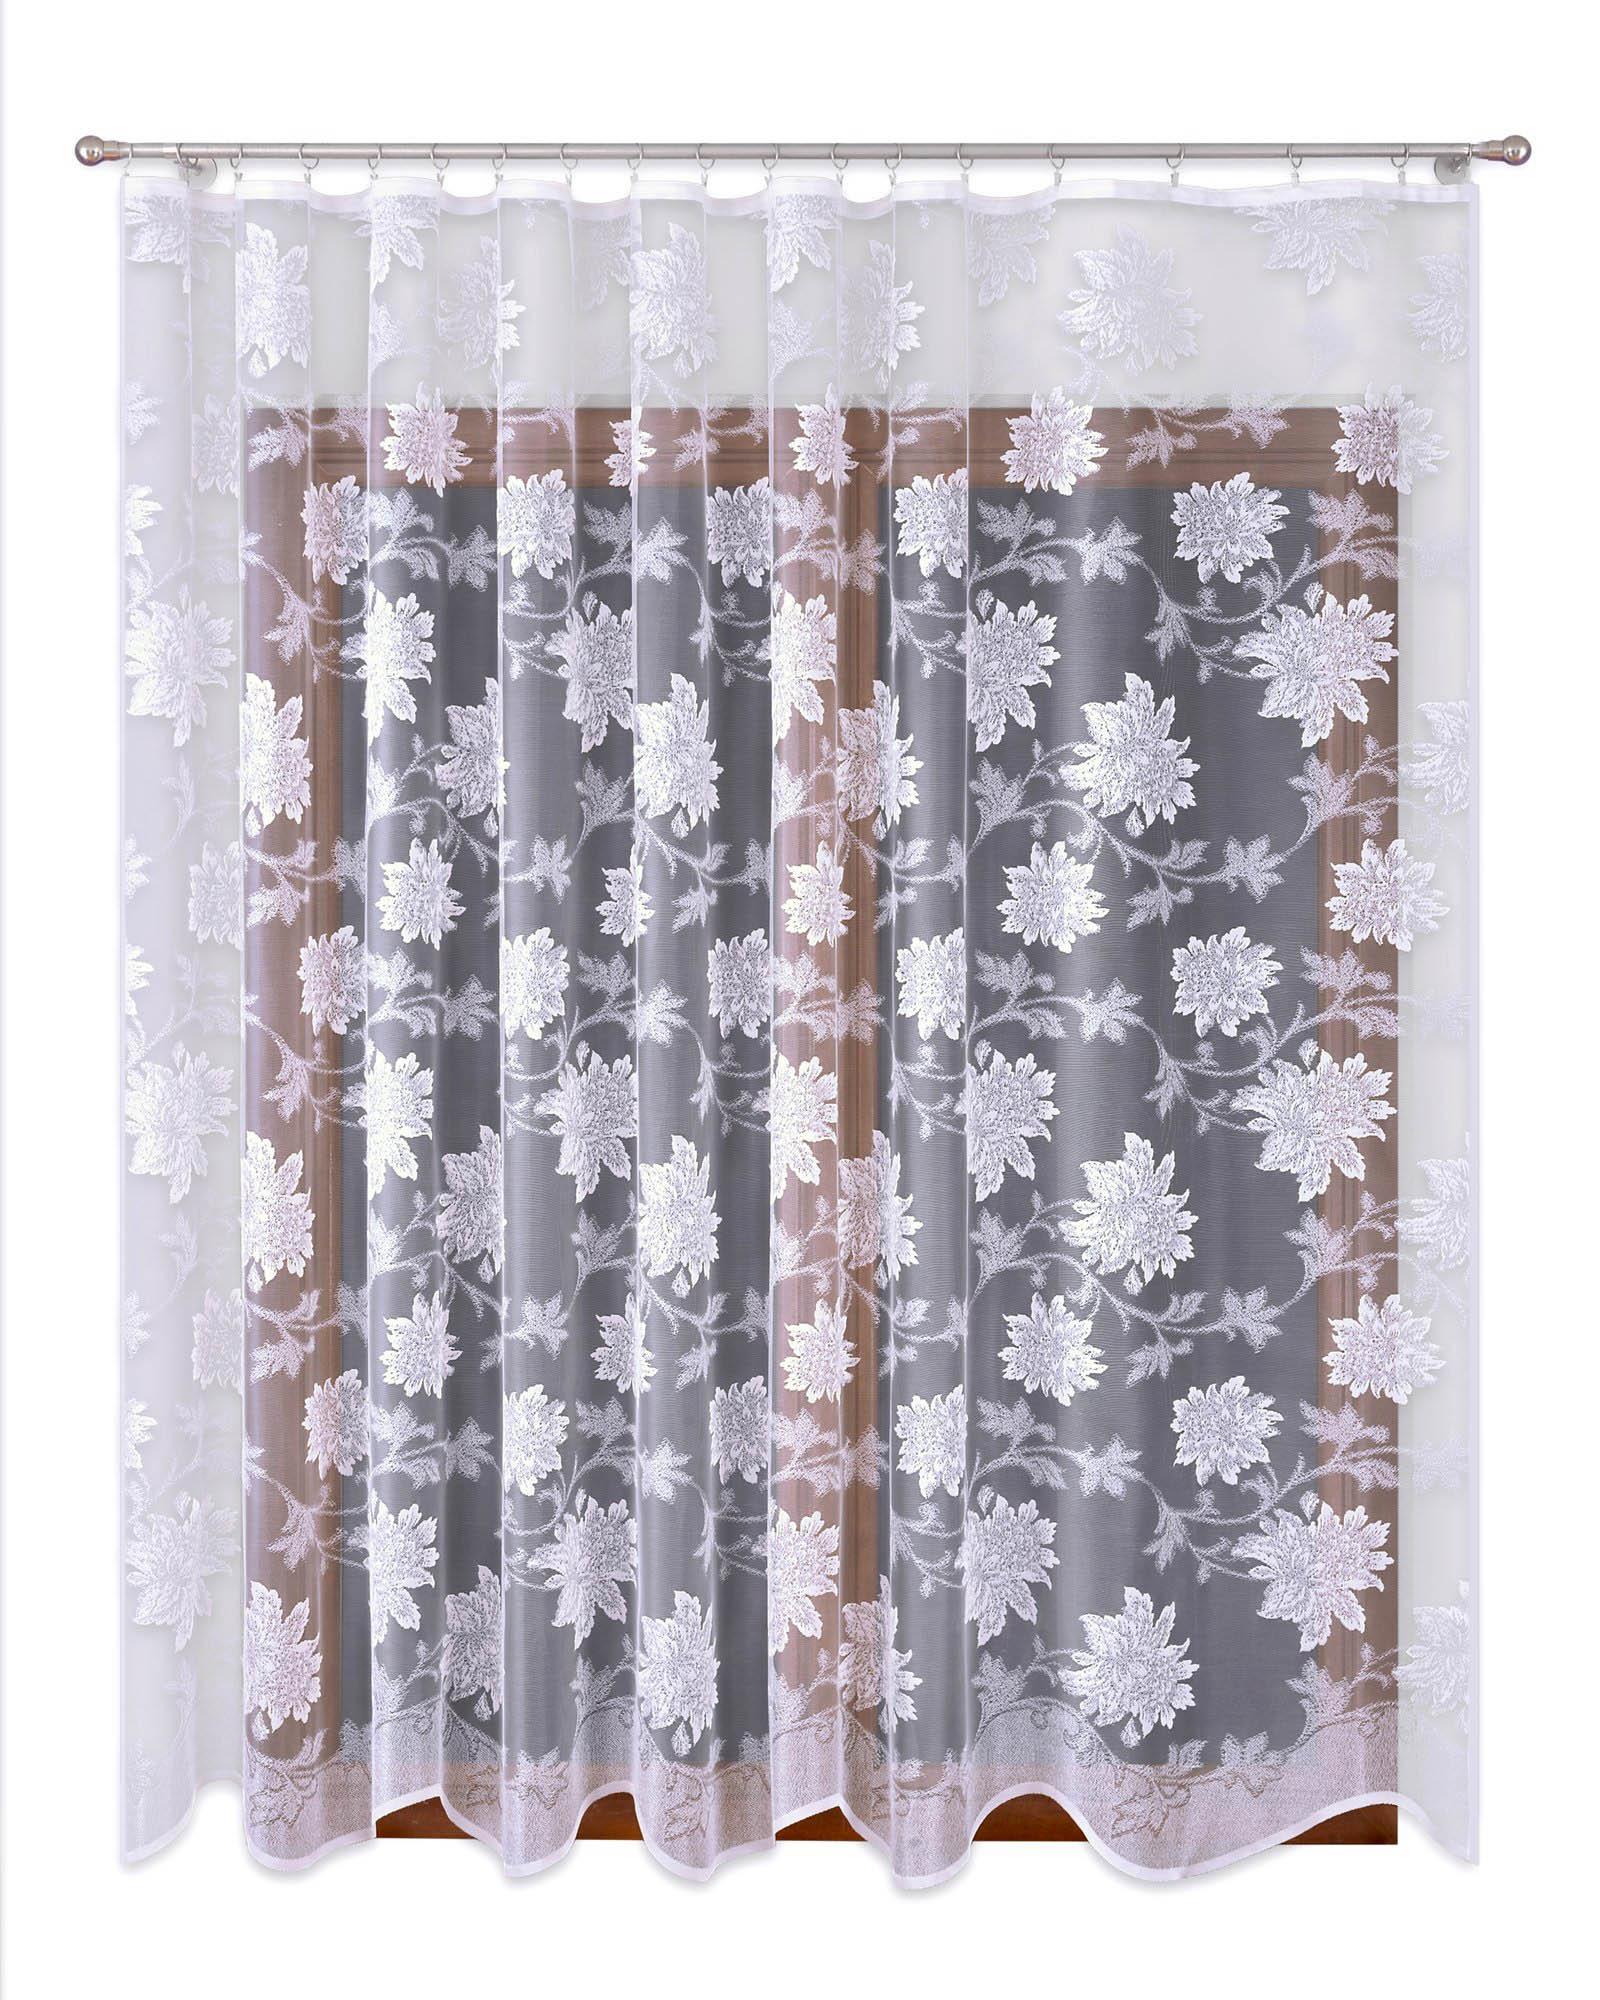 Шторы Primavera Классические шторы Kaylynn Цвет: Белый шторы tac классические шторы winx цвет персиковый 200x265 см